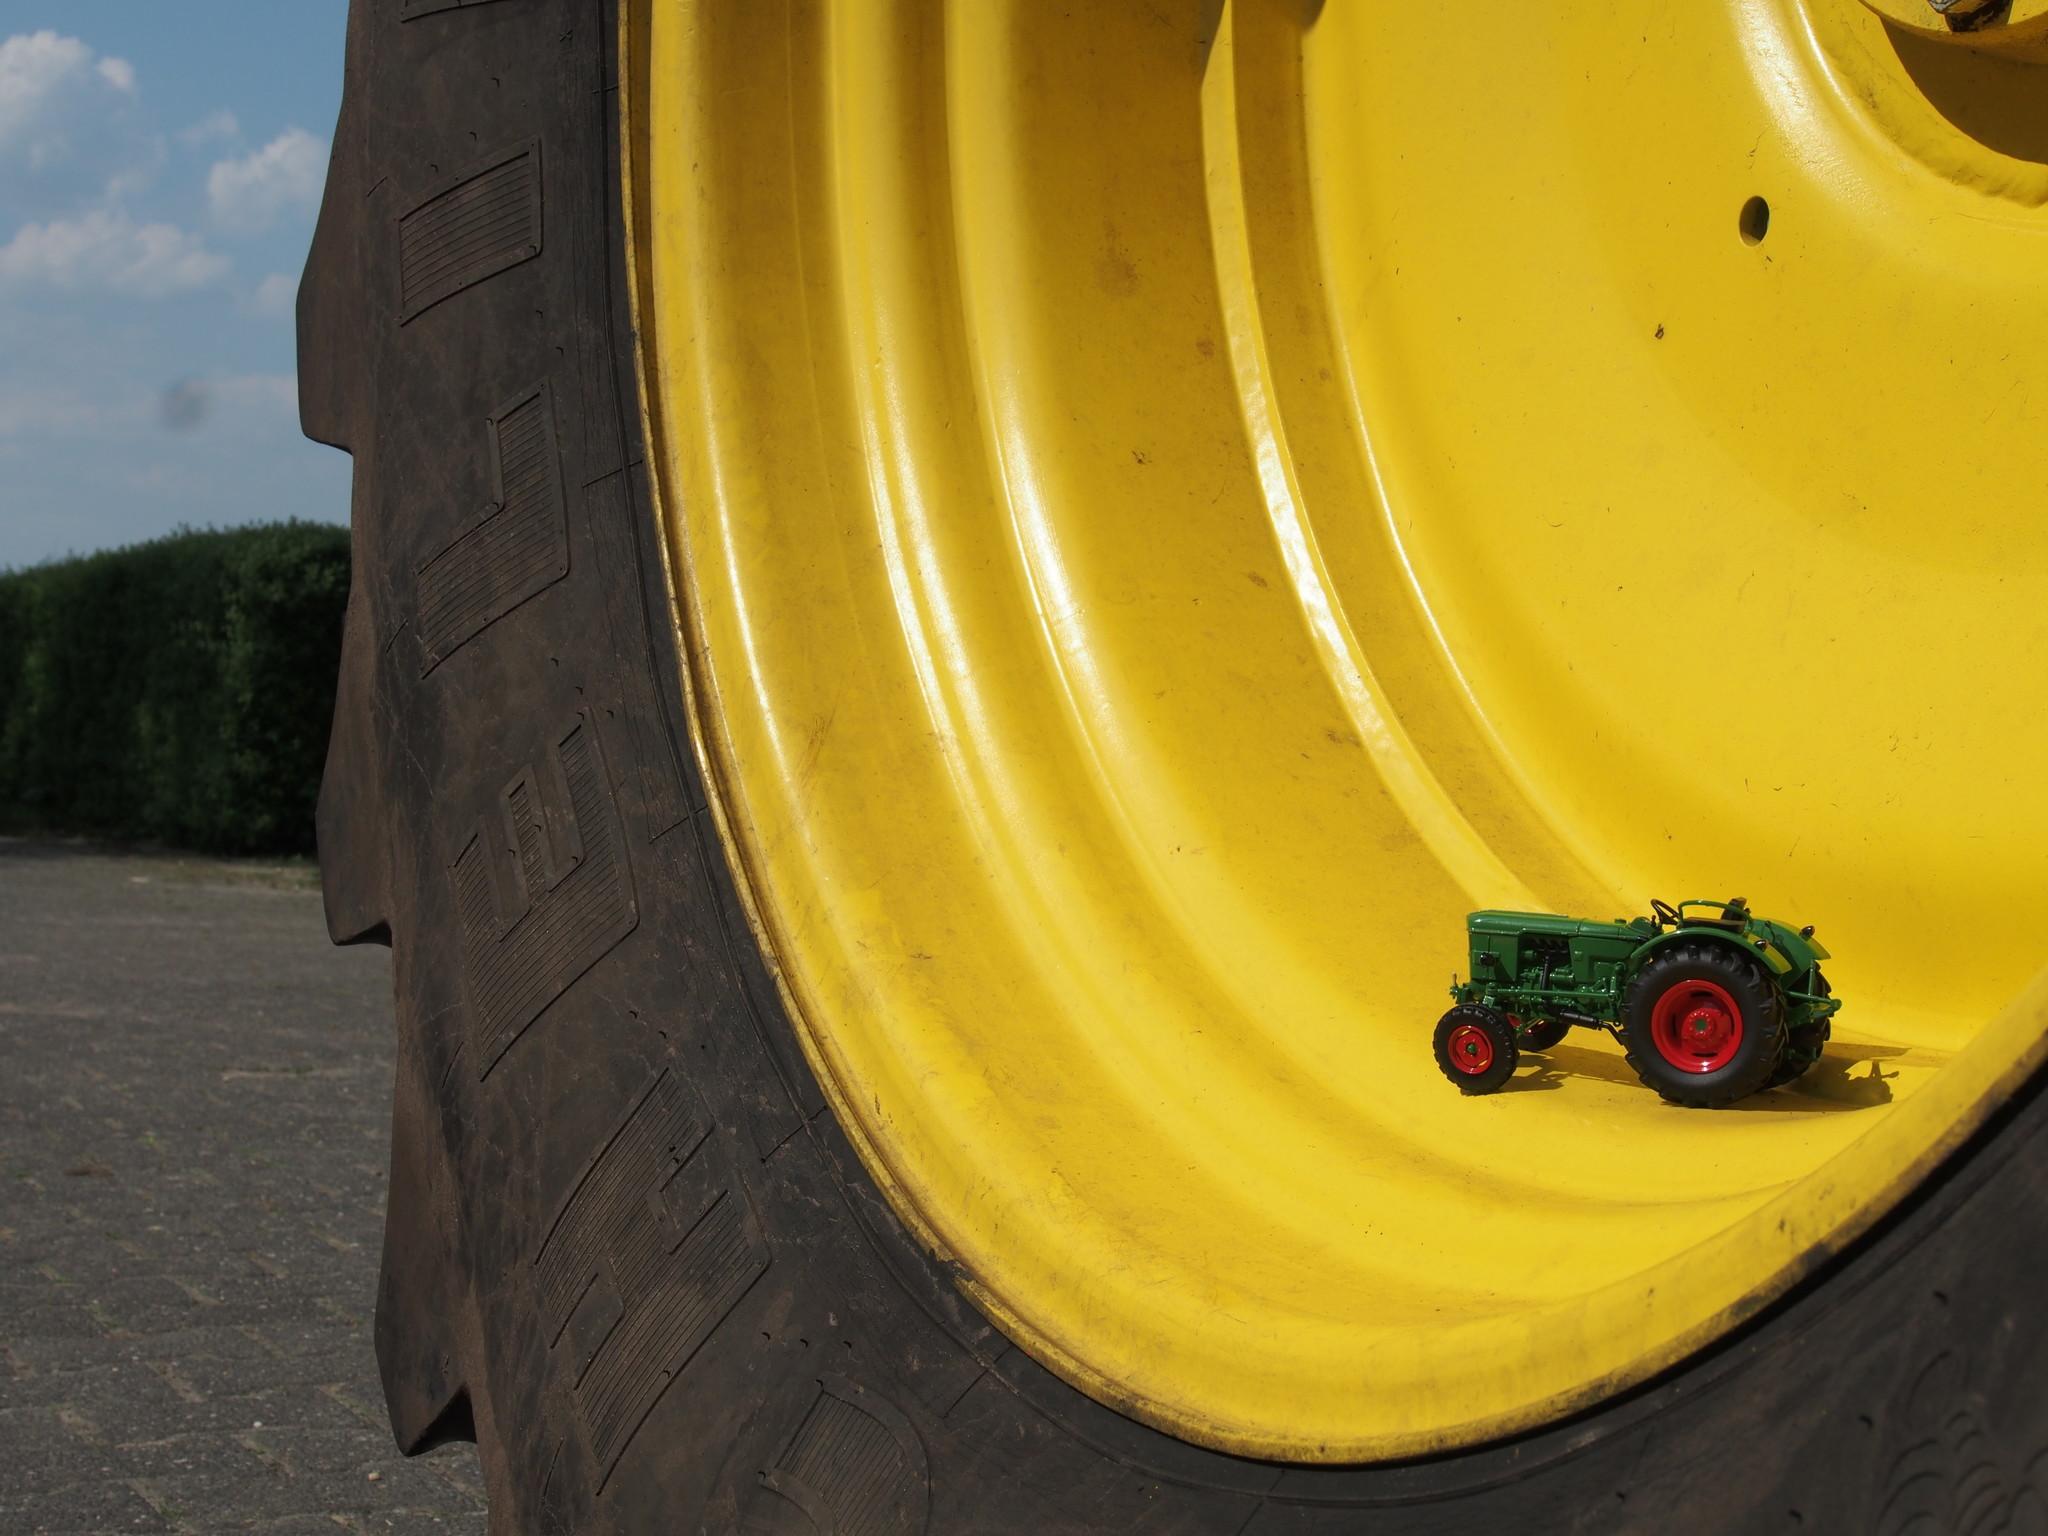 Wat worden we enthousiast van mooie grote stoere Tractoren!